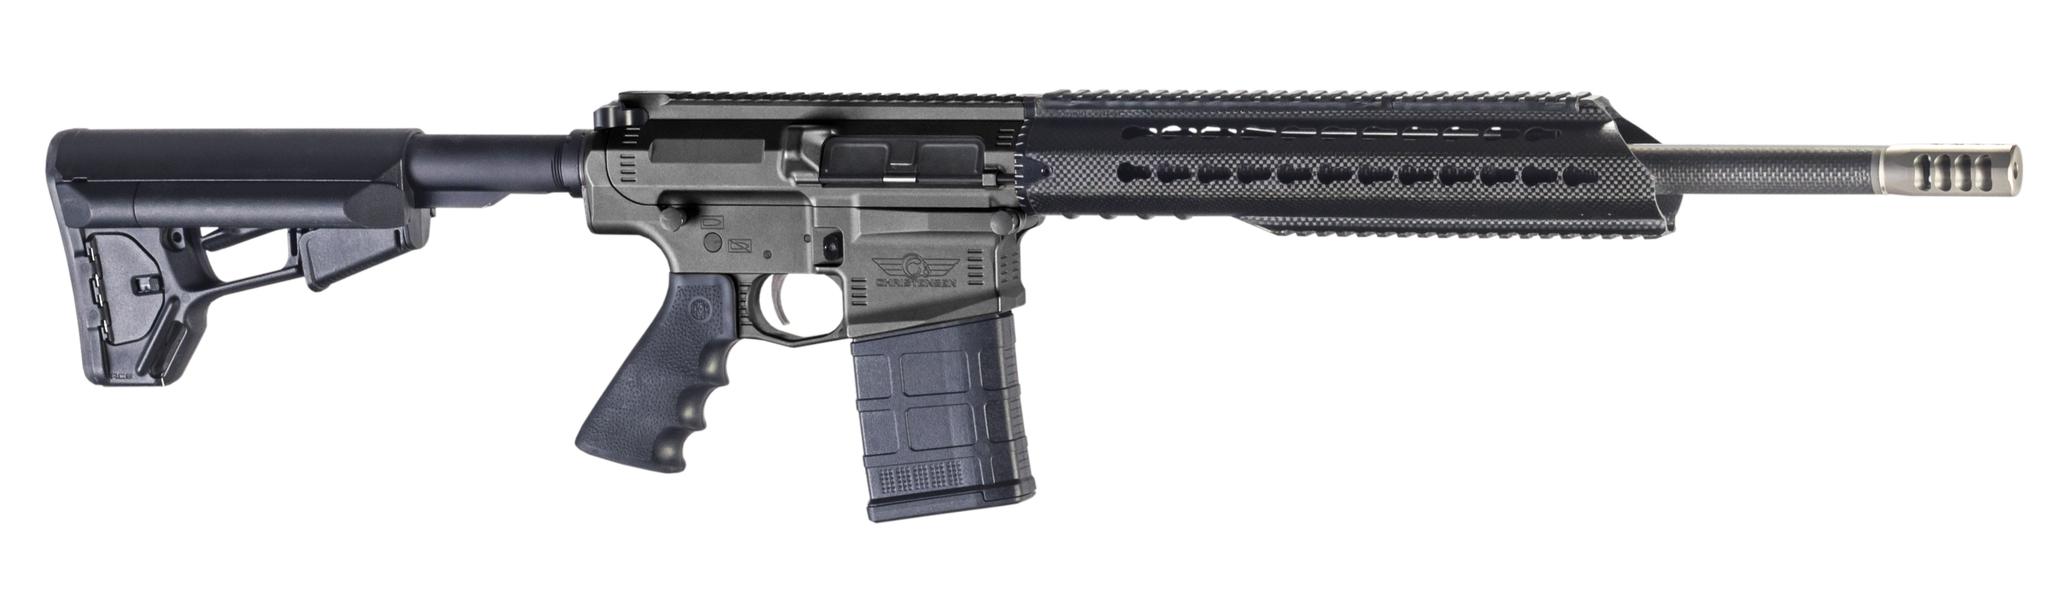 Christensen Arms CA-10 DMR 308 Win